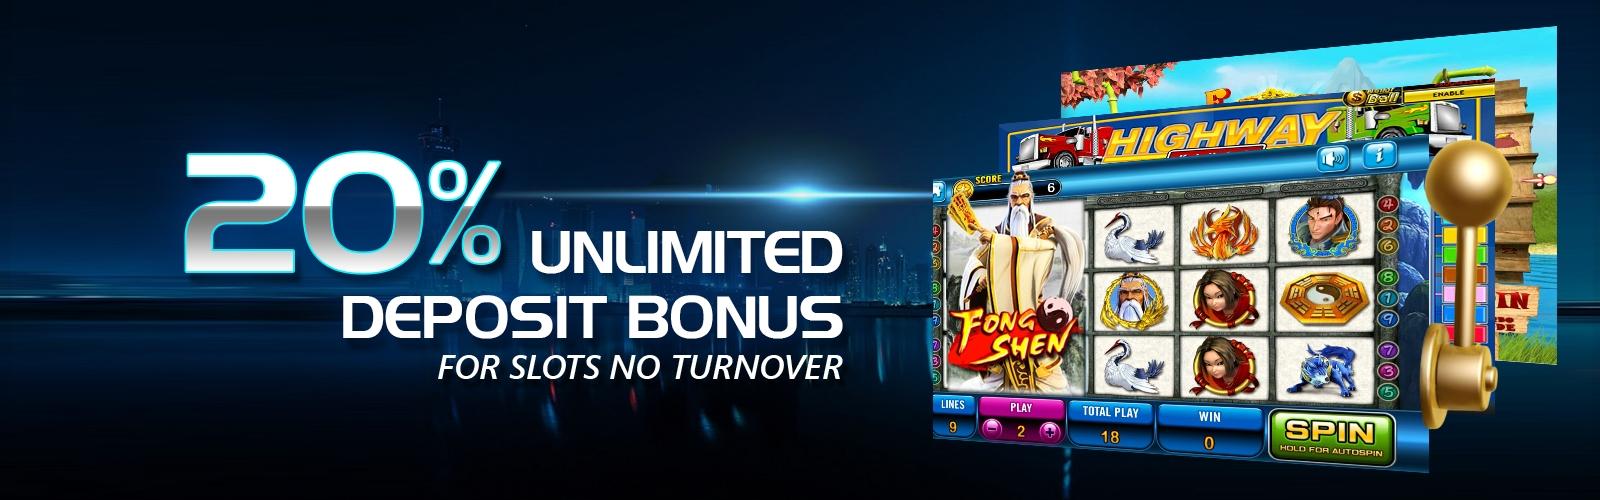 710% casino match bonus at Desert Nights